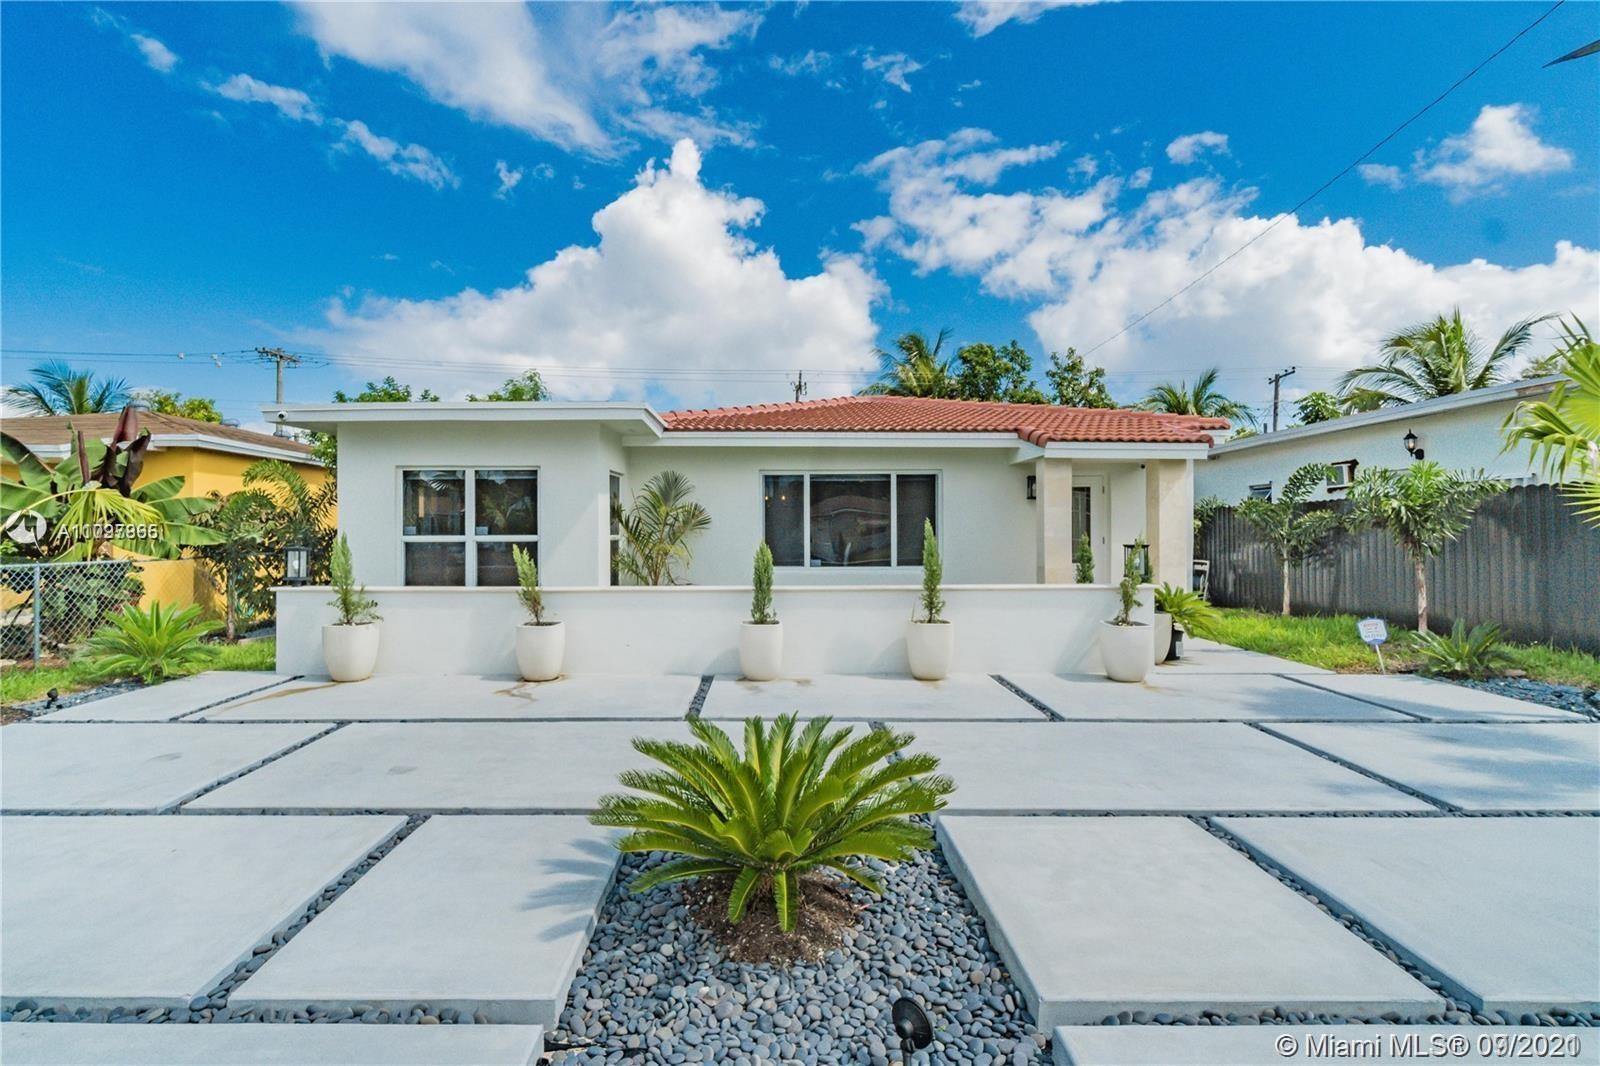 North Miami Beach - 1731 NE 172nd St, North Miami Beach, FL 33162